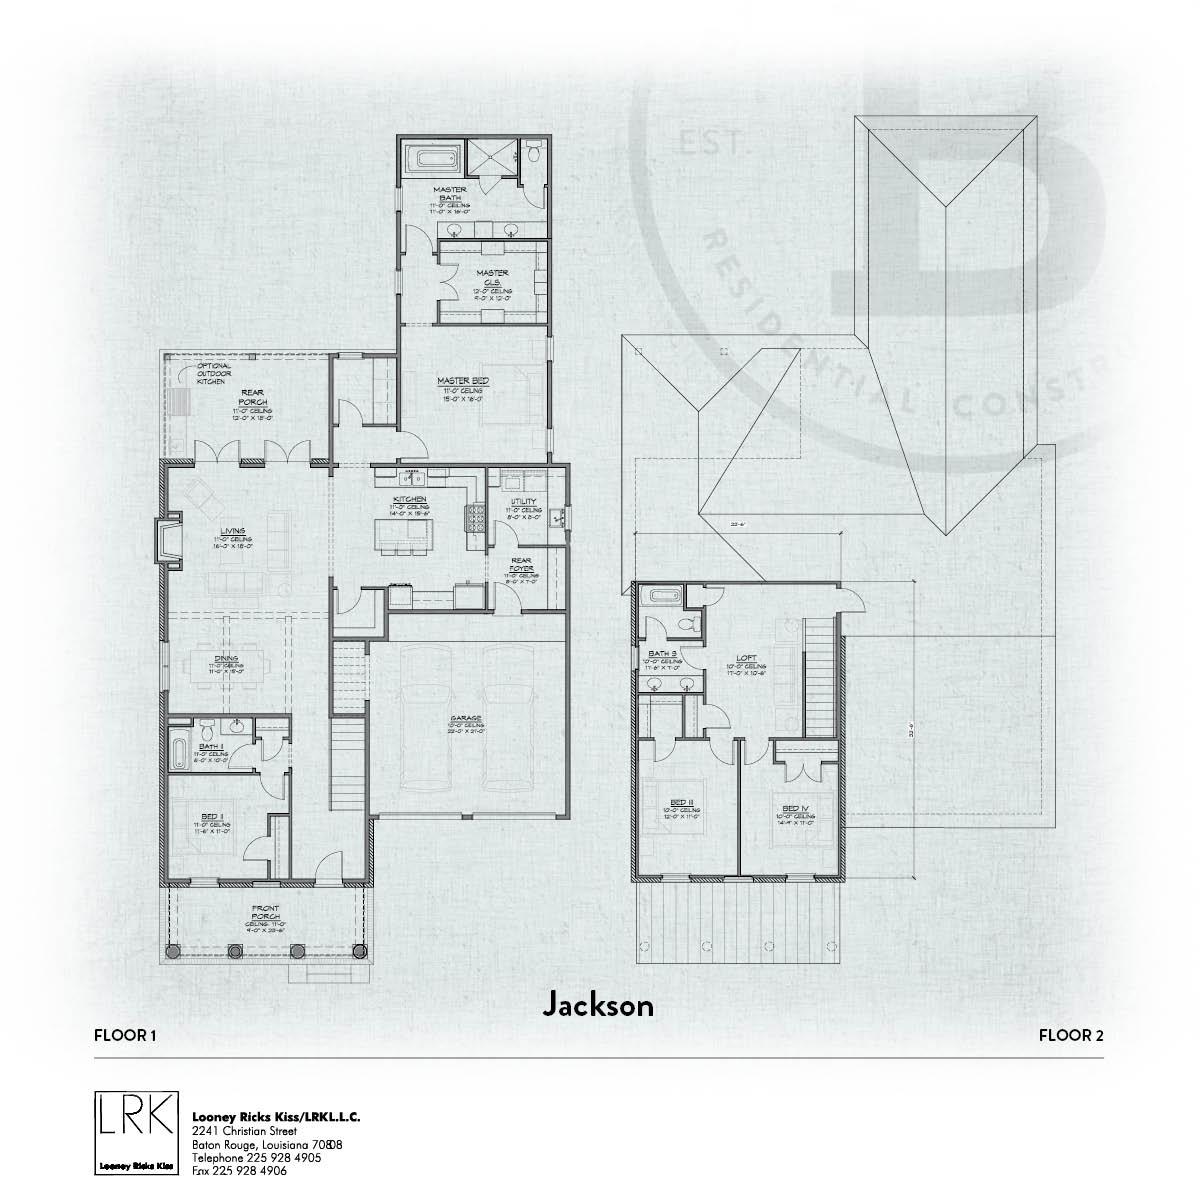 Jackson Floorplan